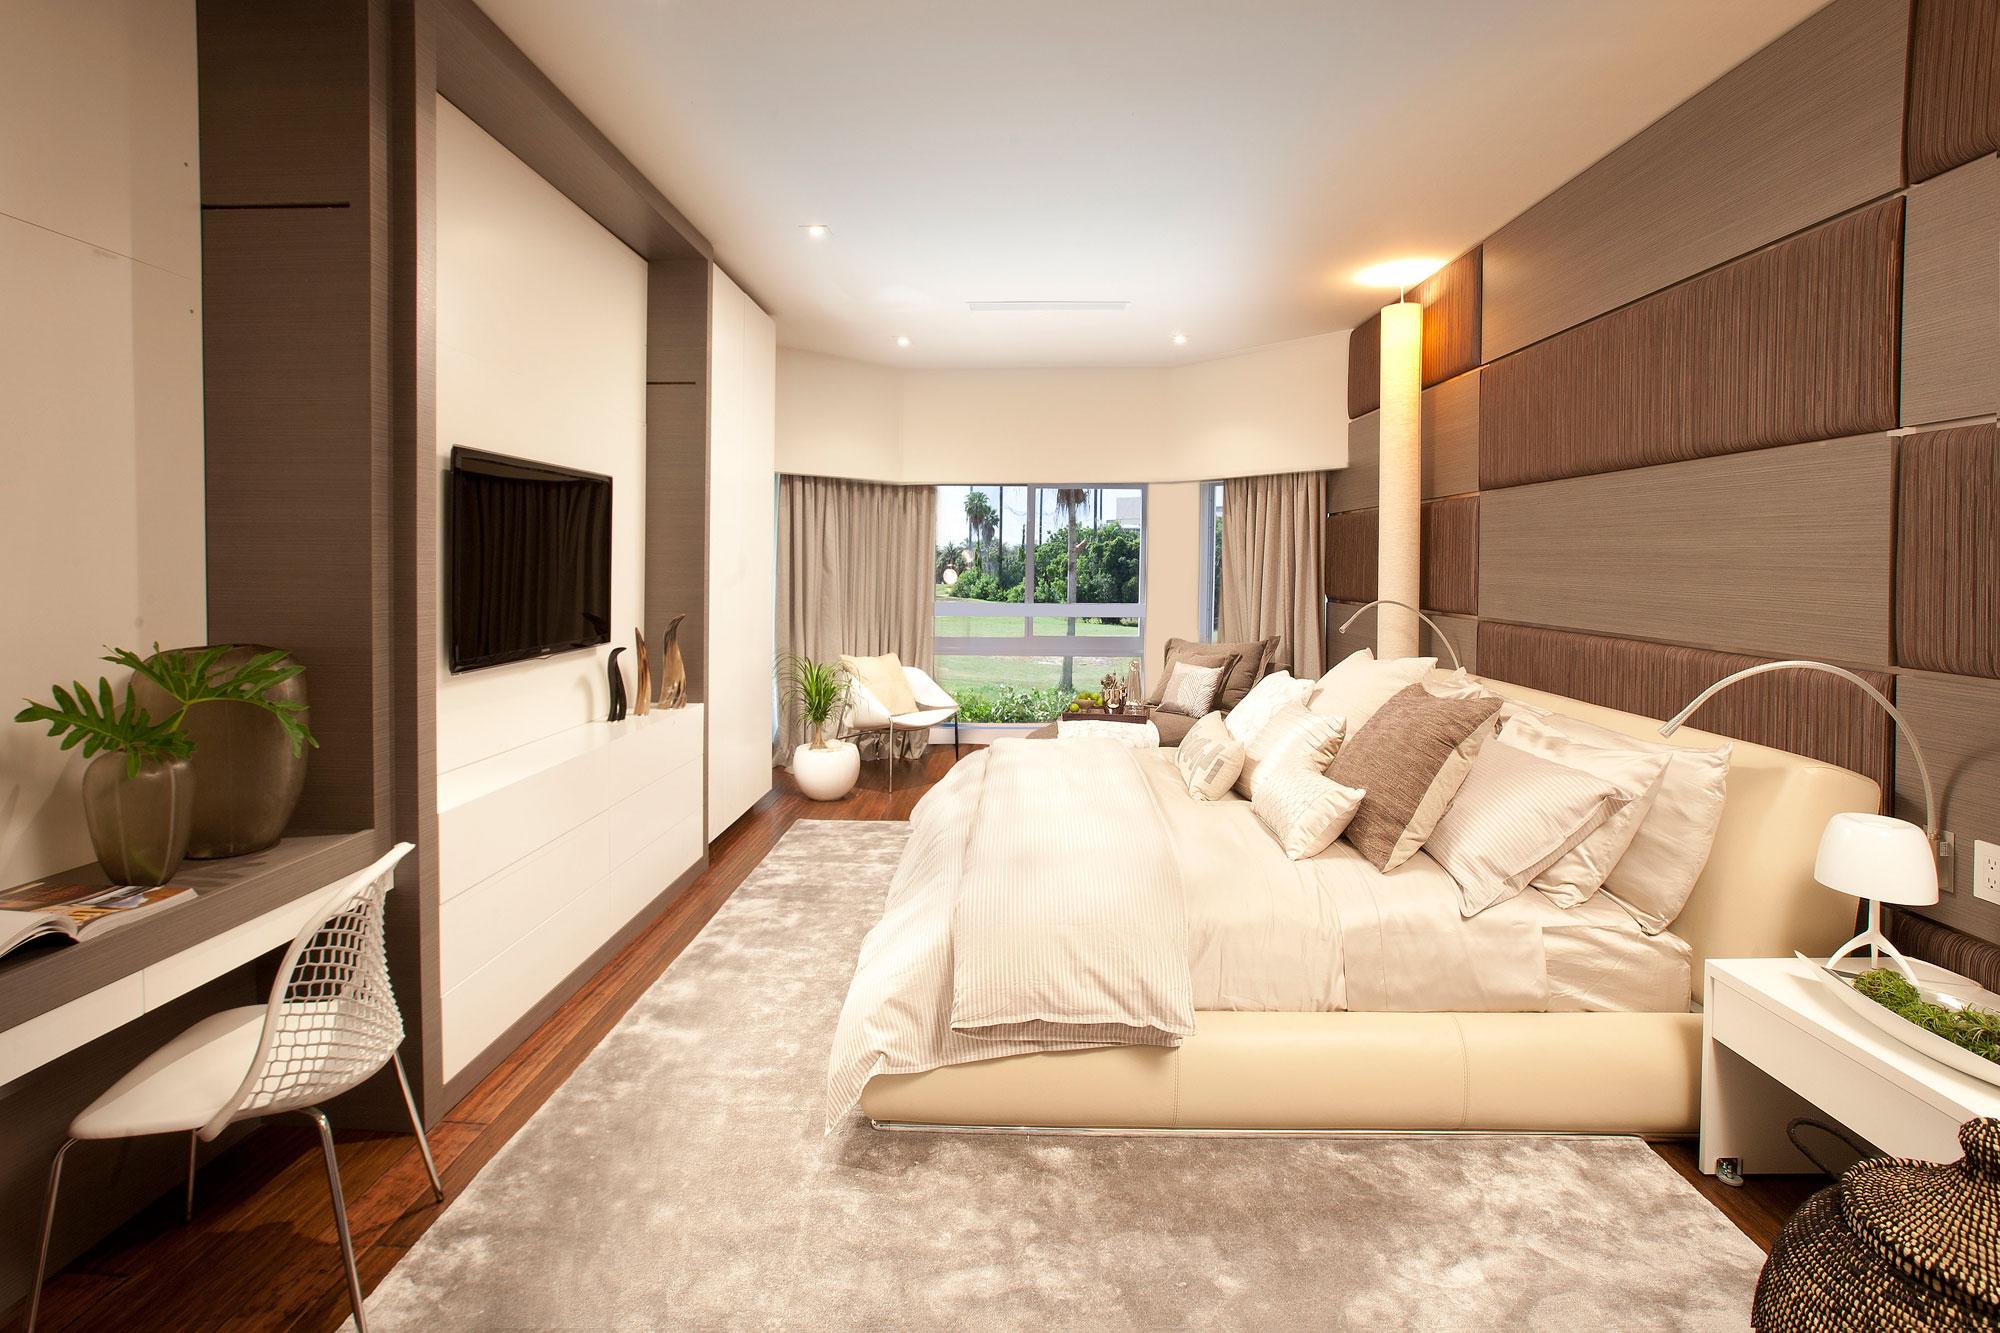 Красивые спальни дизайн интерьер фото